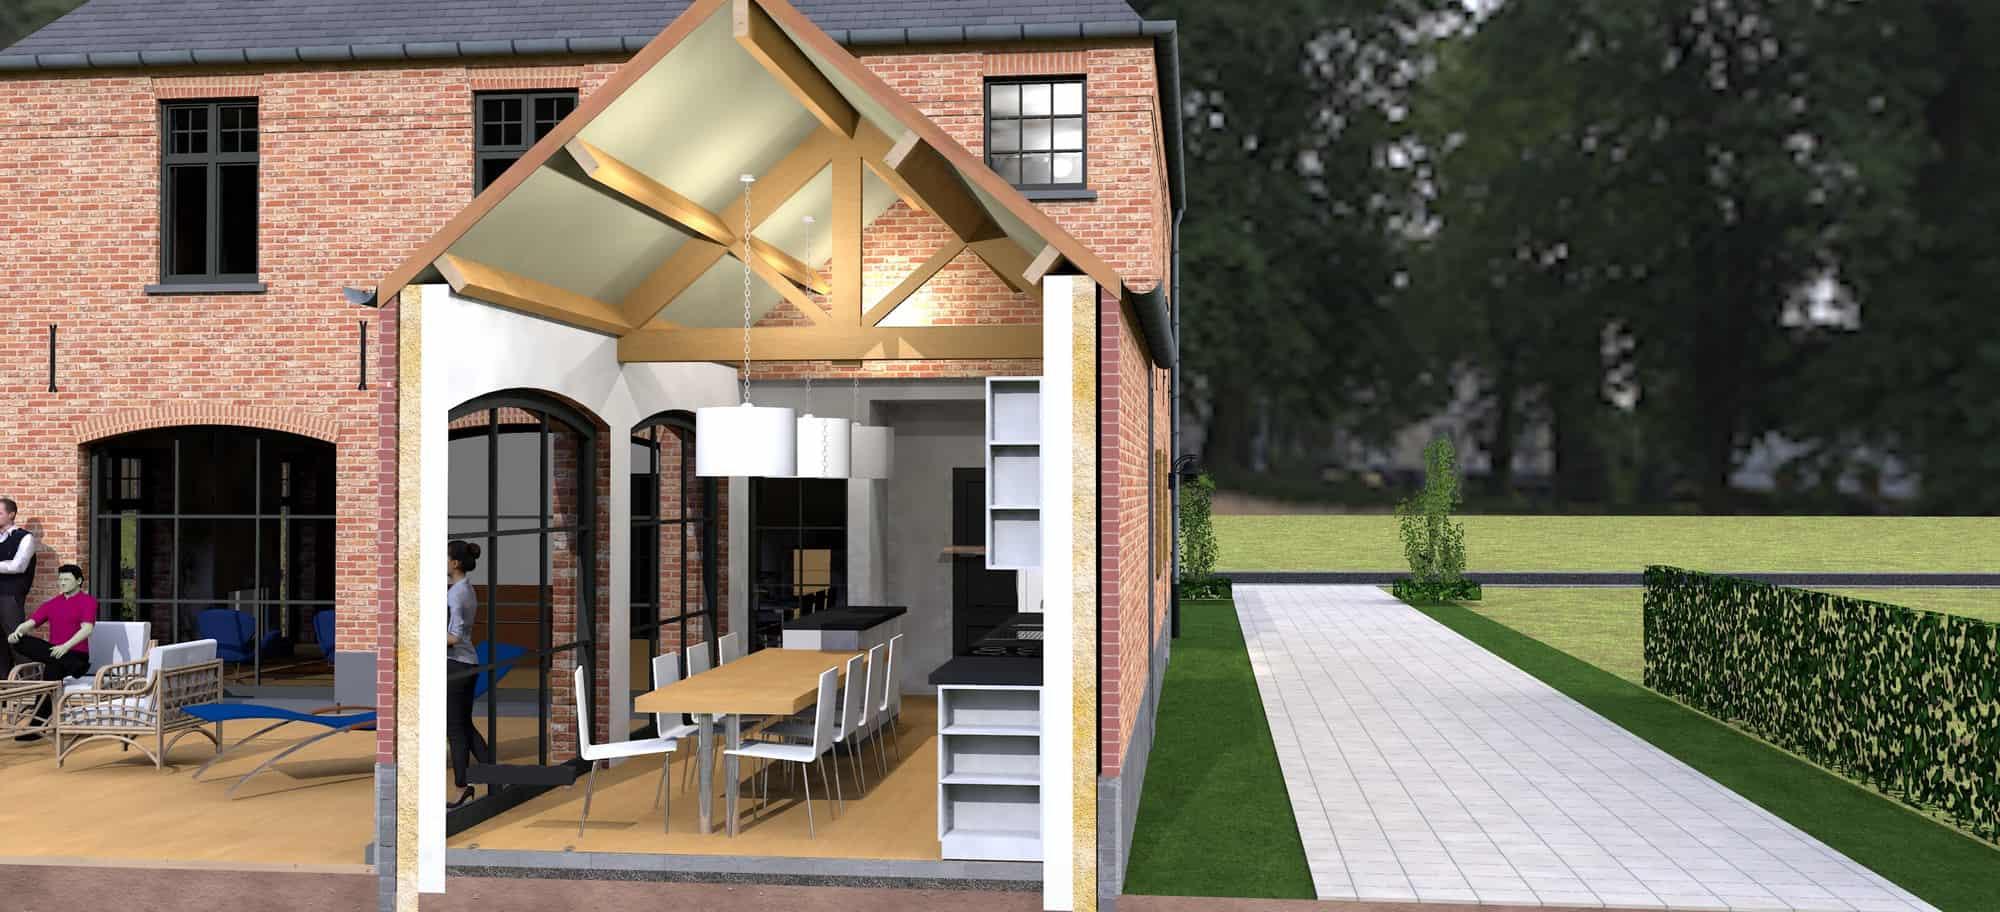 Detail afbeelding 5 van K & S   –   Landhuis met garage   –  Genk | Ontwerp door architect Patrick Strackx